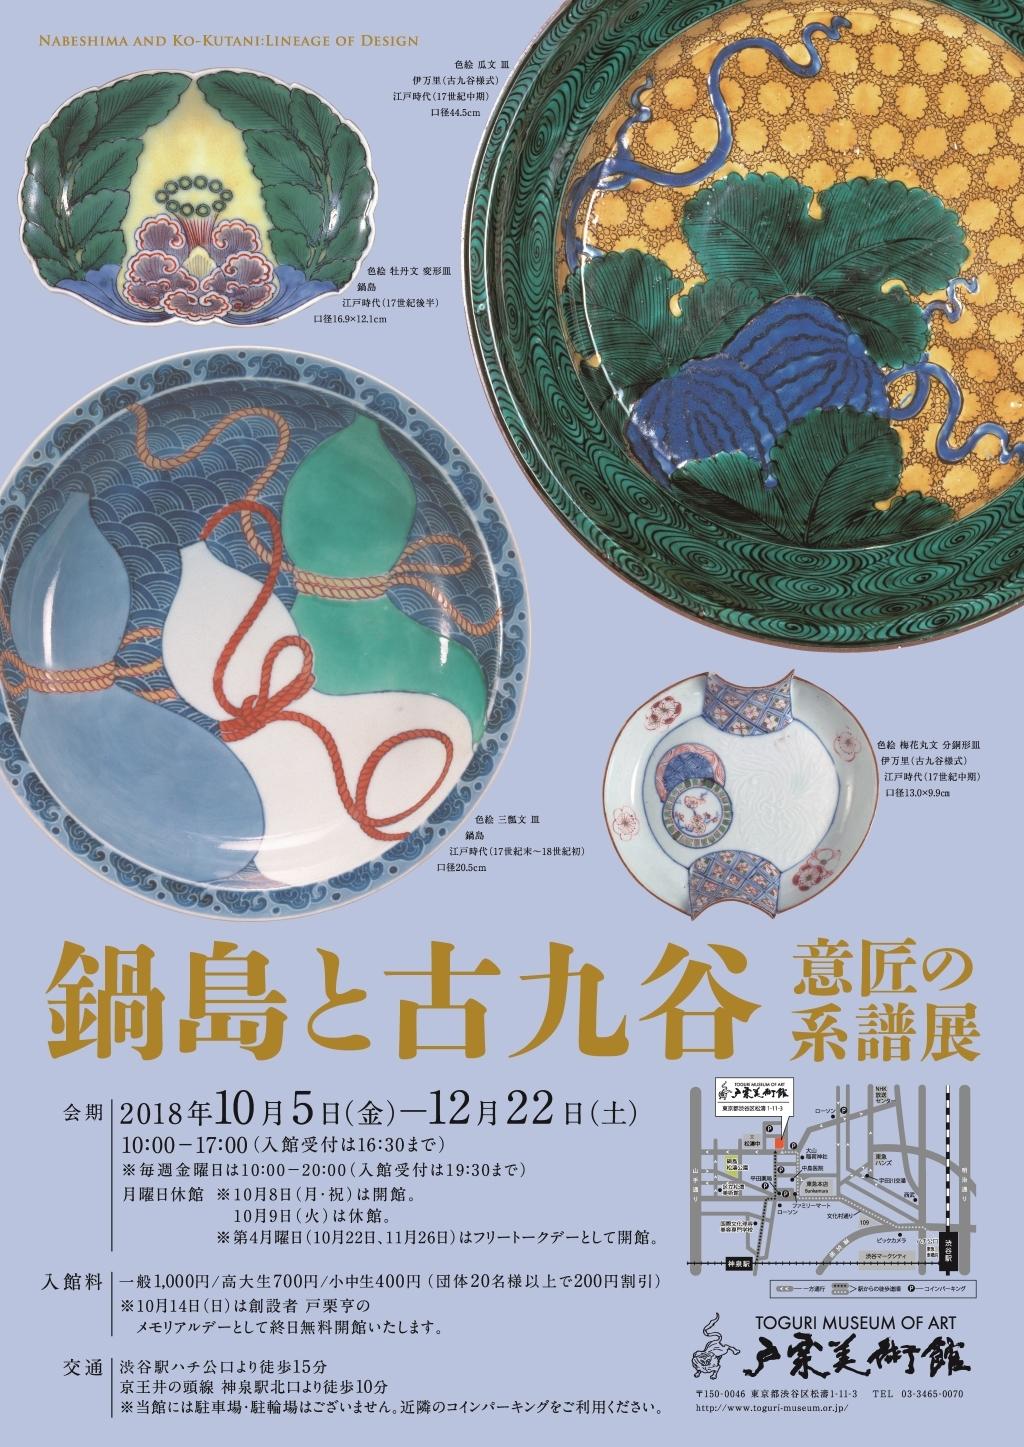 鍋島と古九谷展ポスター